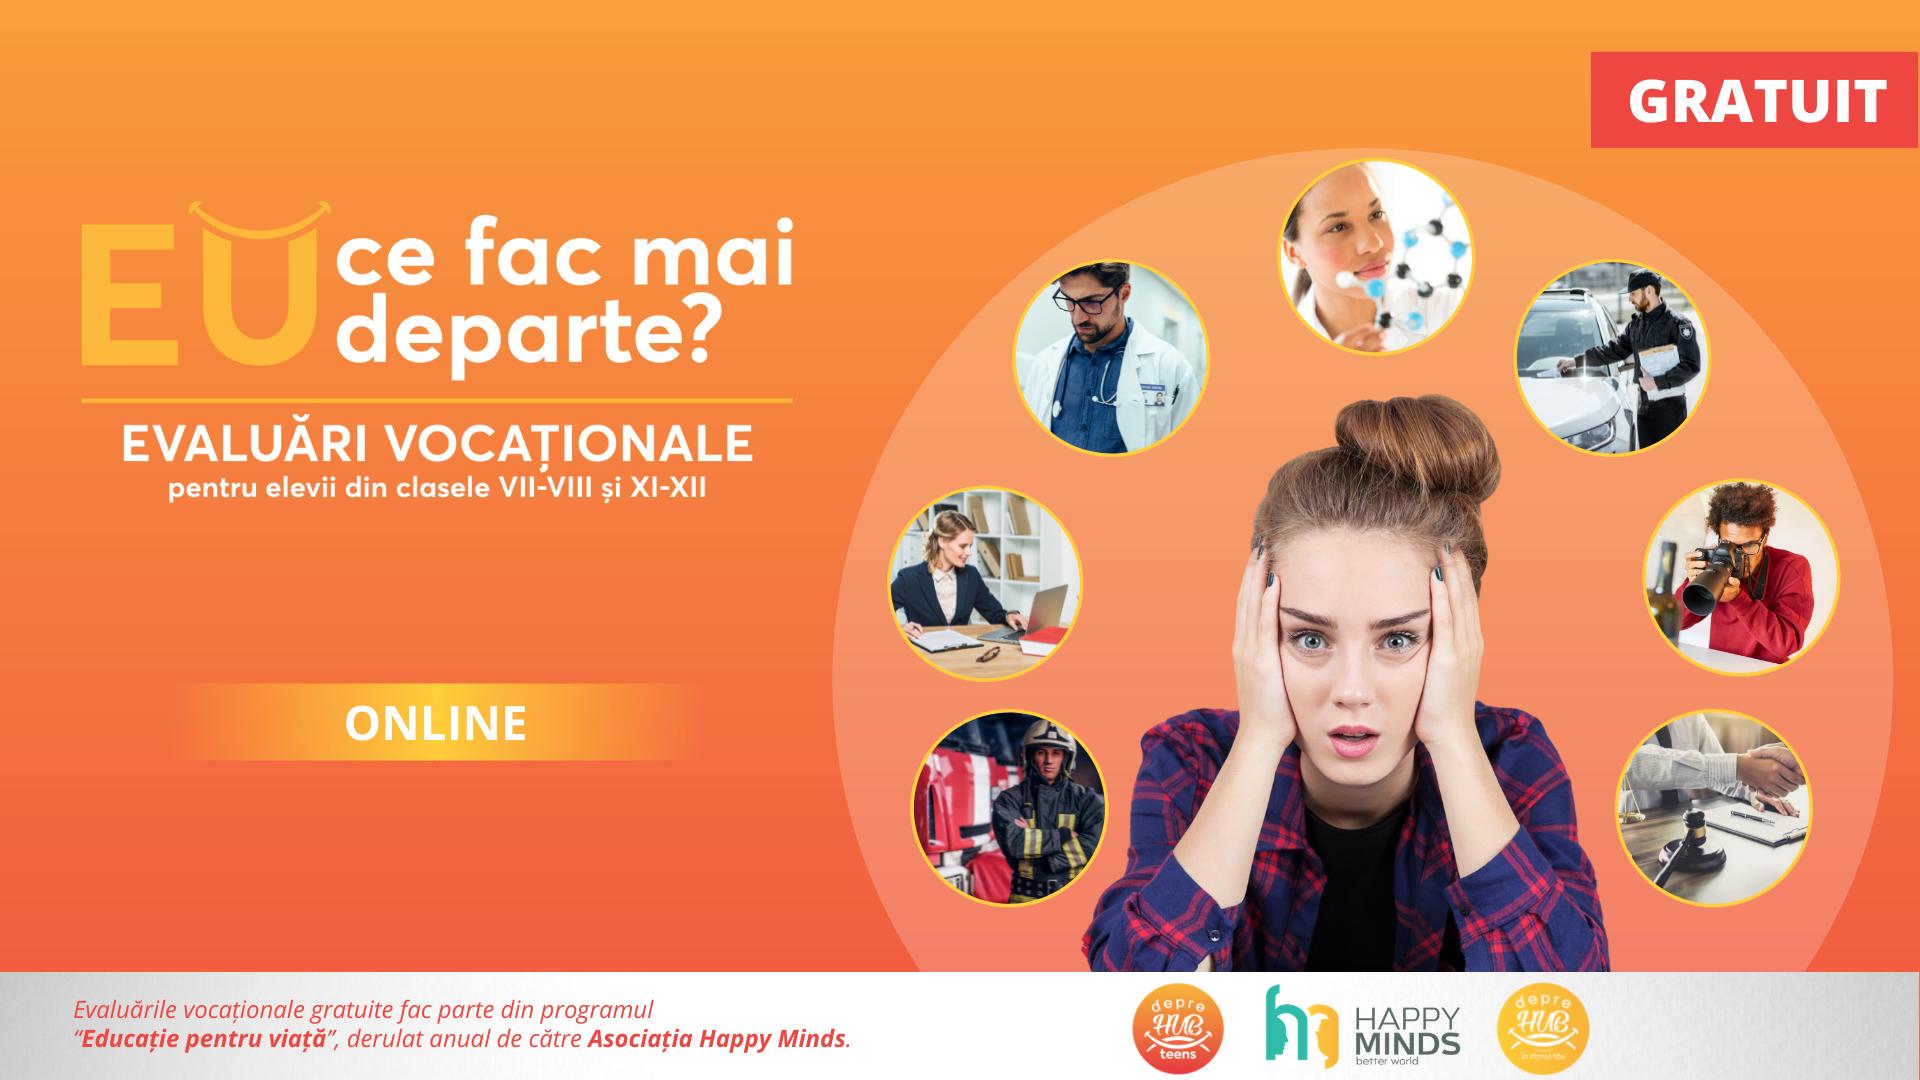 """depreHUB #teens lansează campania națională """"EU ce fac mai departe?"""" 500 de evaluări vocaționale gratuite pentru elevii din clasele VII – VIII și XI -XII"""